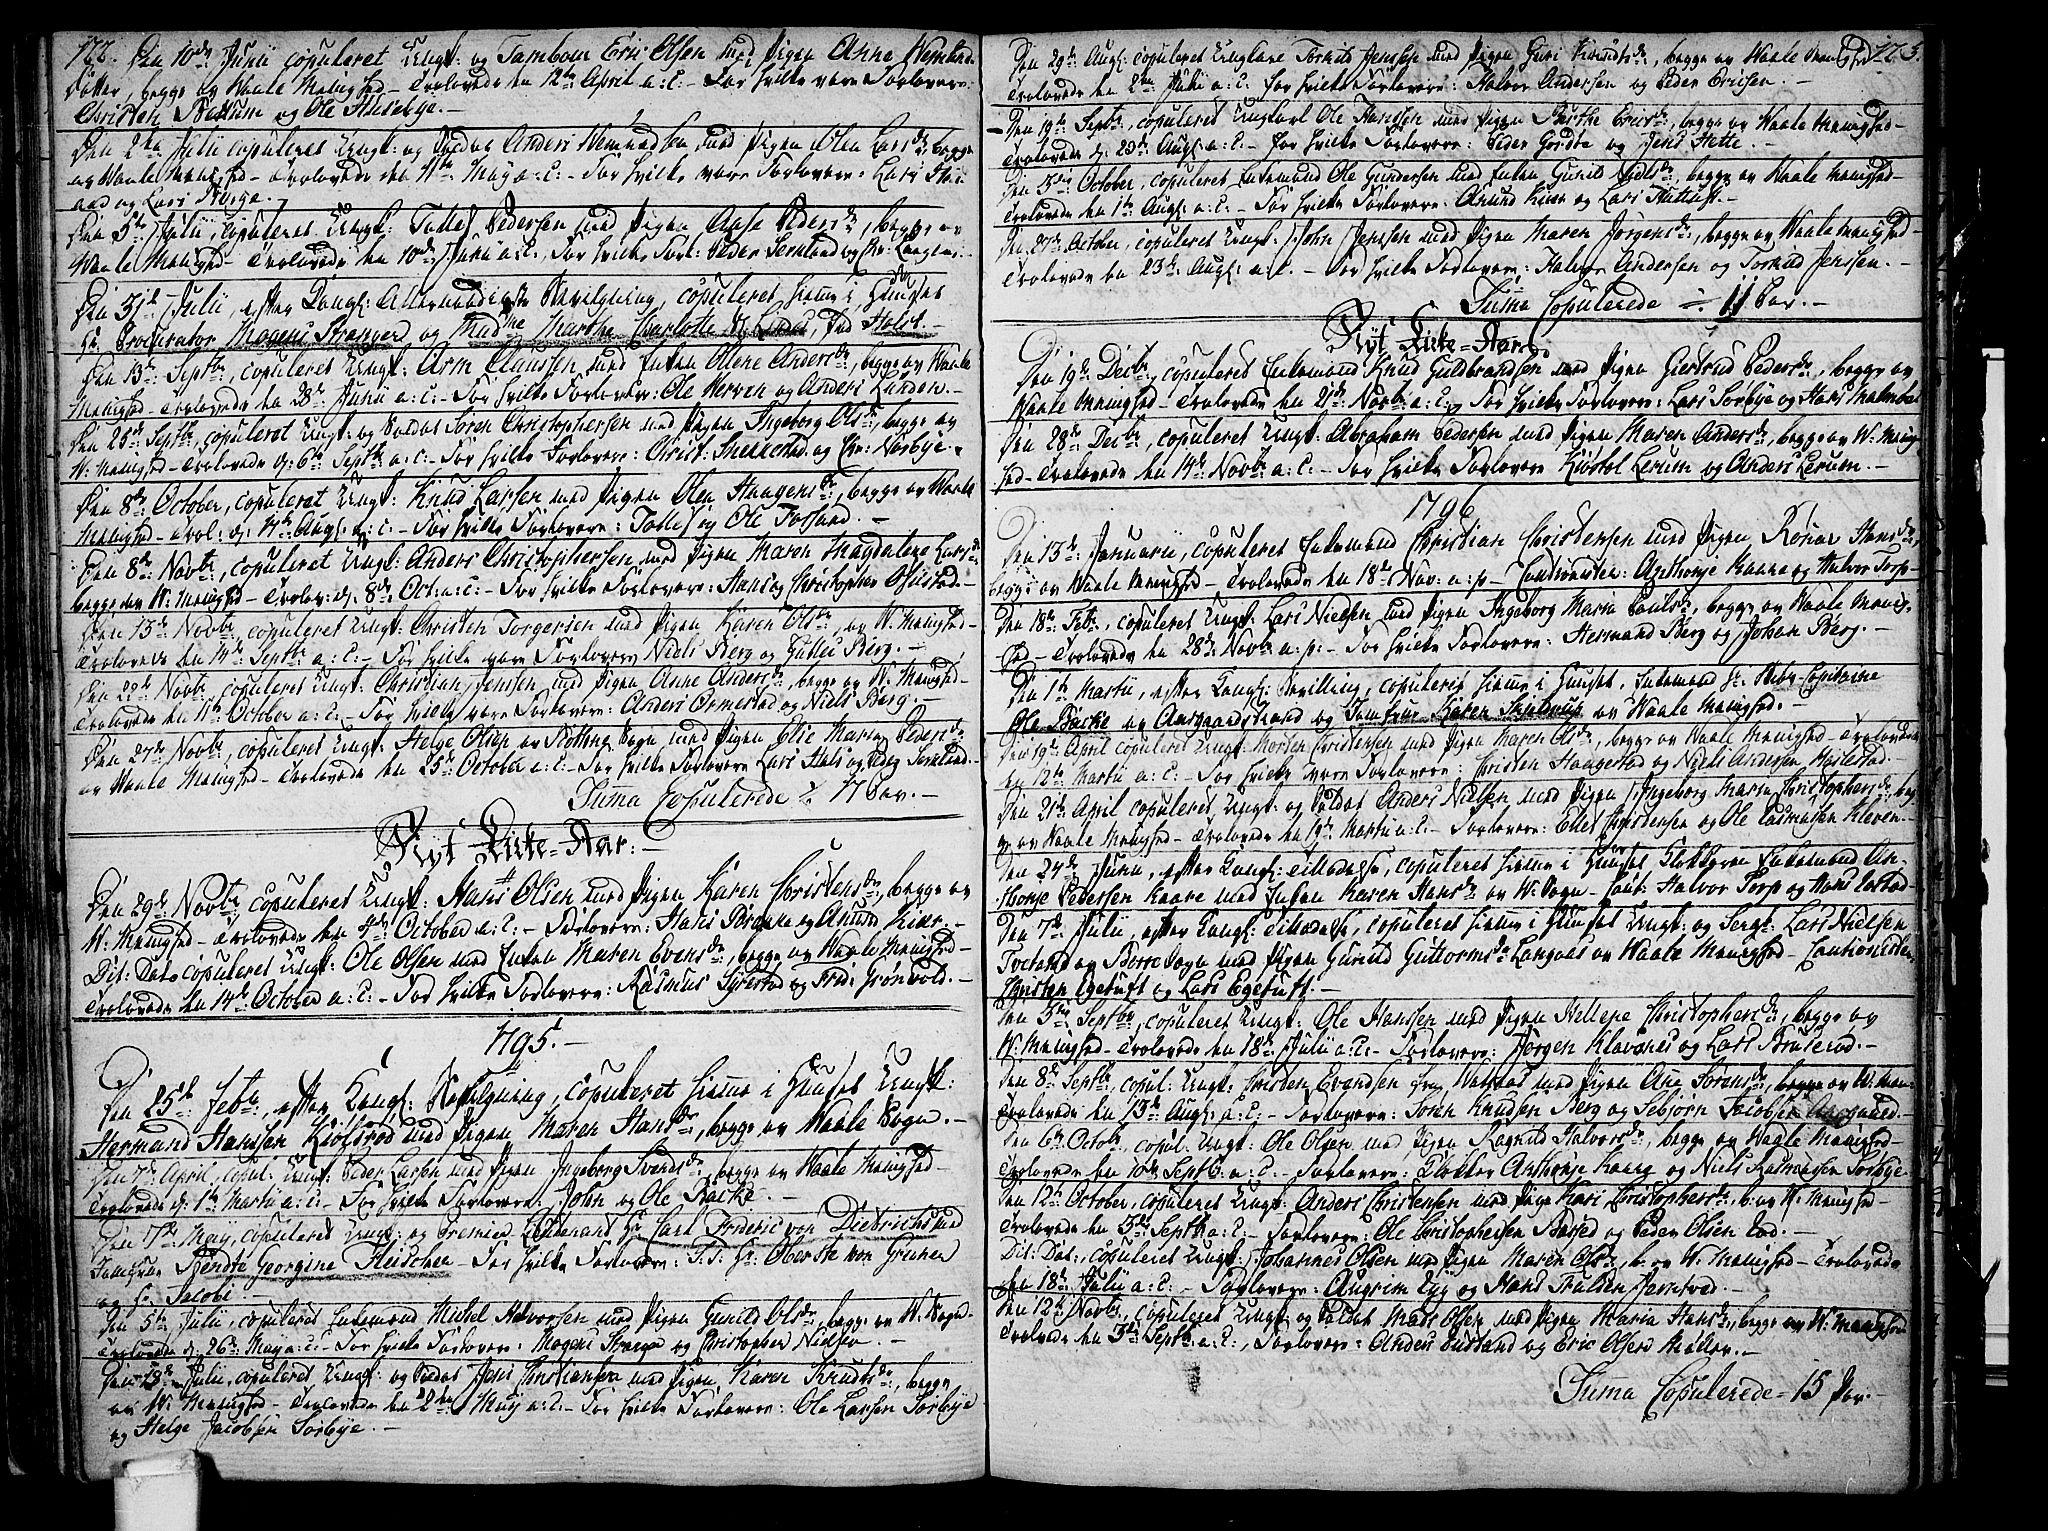 SAKO, Våle kirkebøker, F/Fa/L0005: Ministerialbok nr. I 5, 1773-1808, s. 122-123